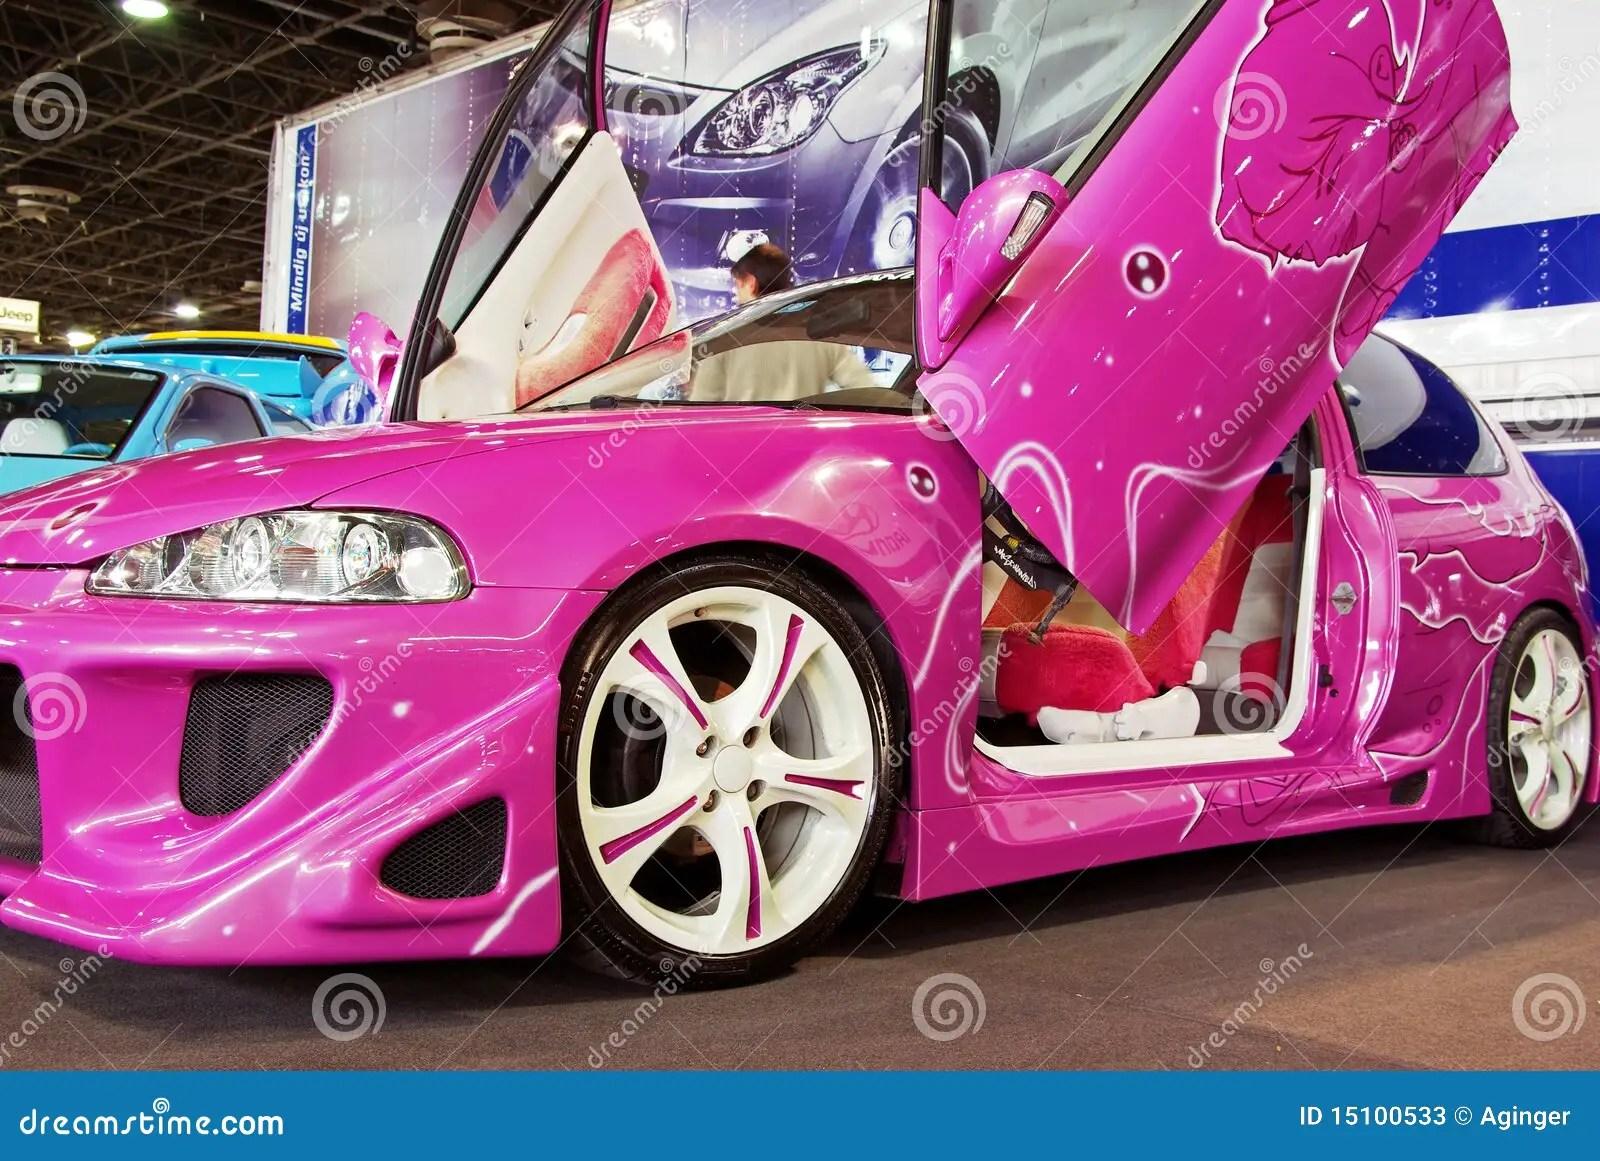 Fast And Furious 3 Cars Wallpapers Carro Ajustado Cor De Rosa Foto De Stock Editorial Imagem